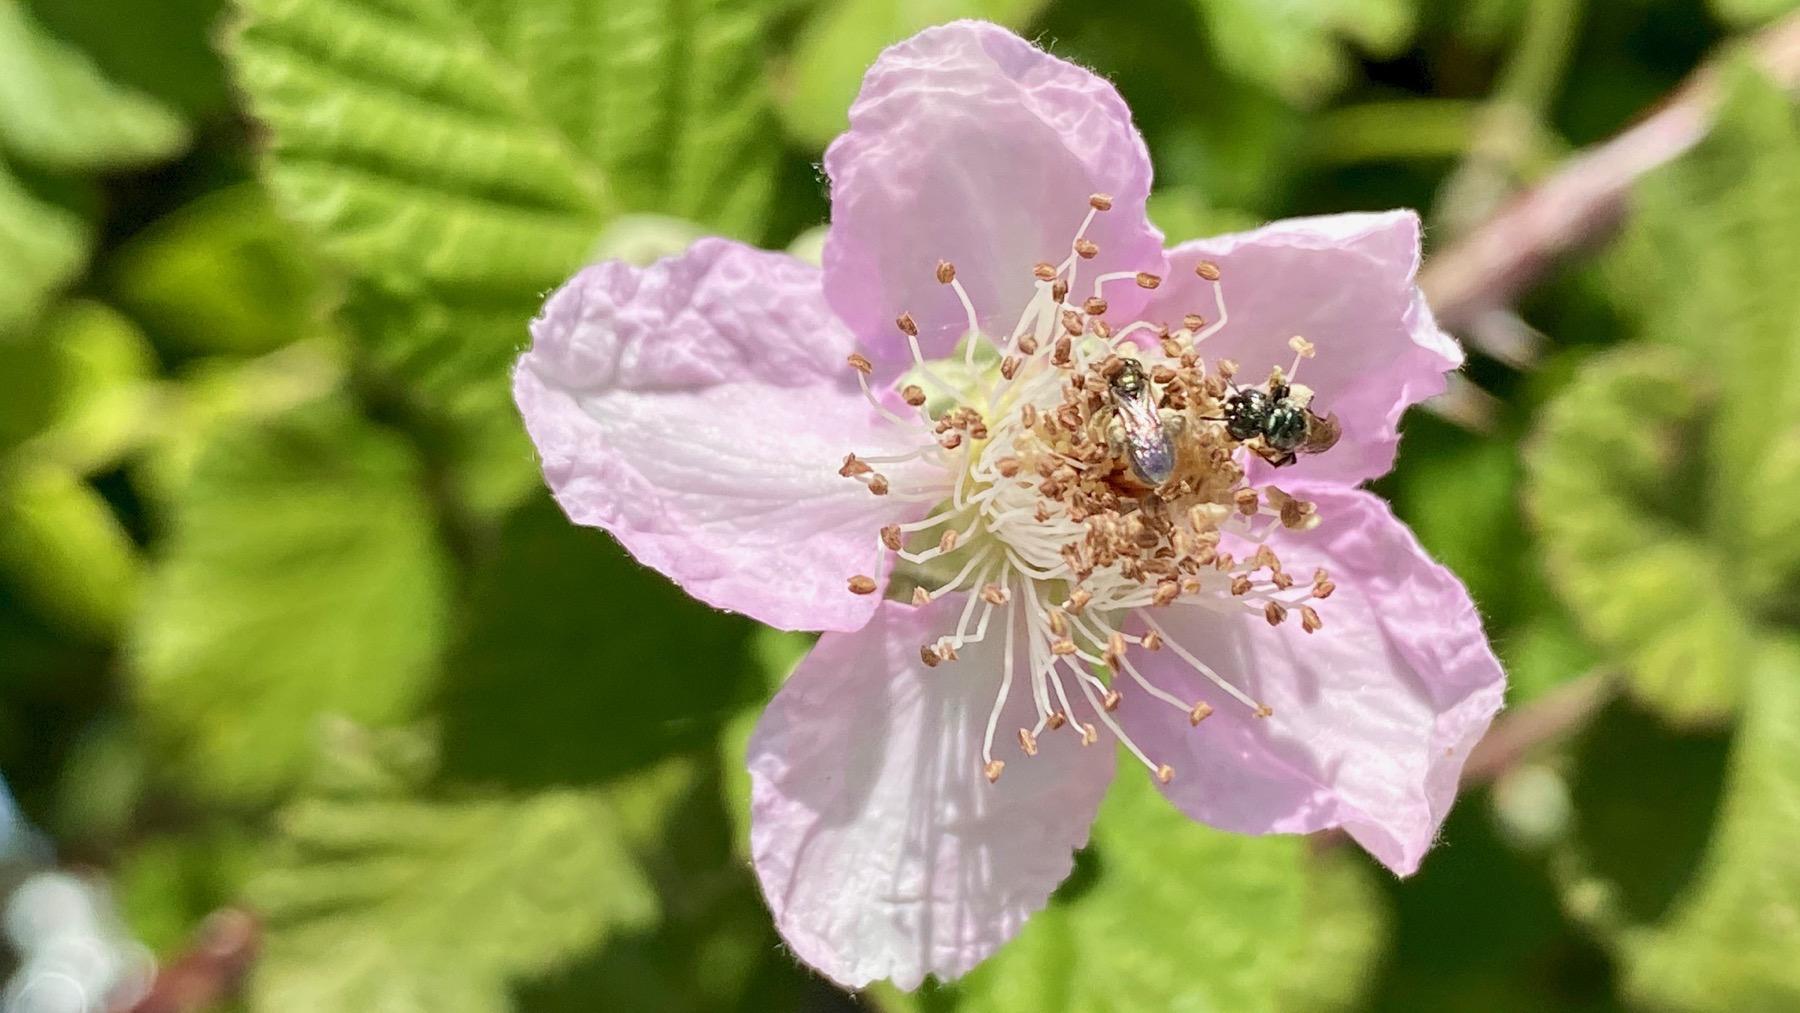 Berry blossom